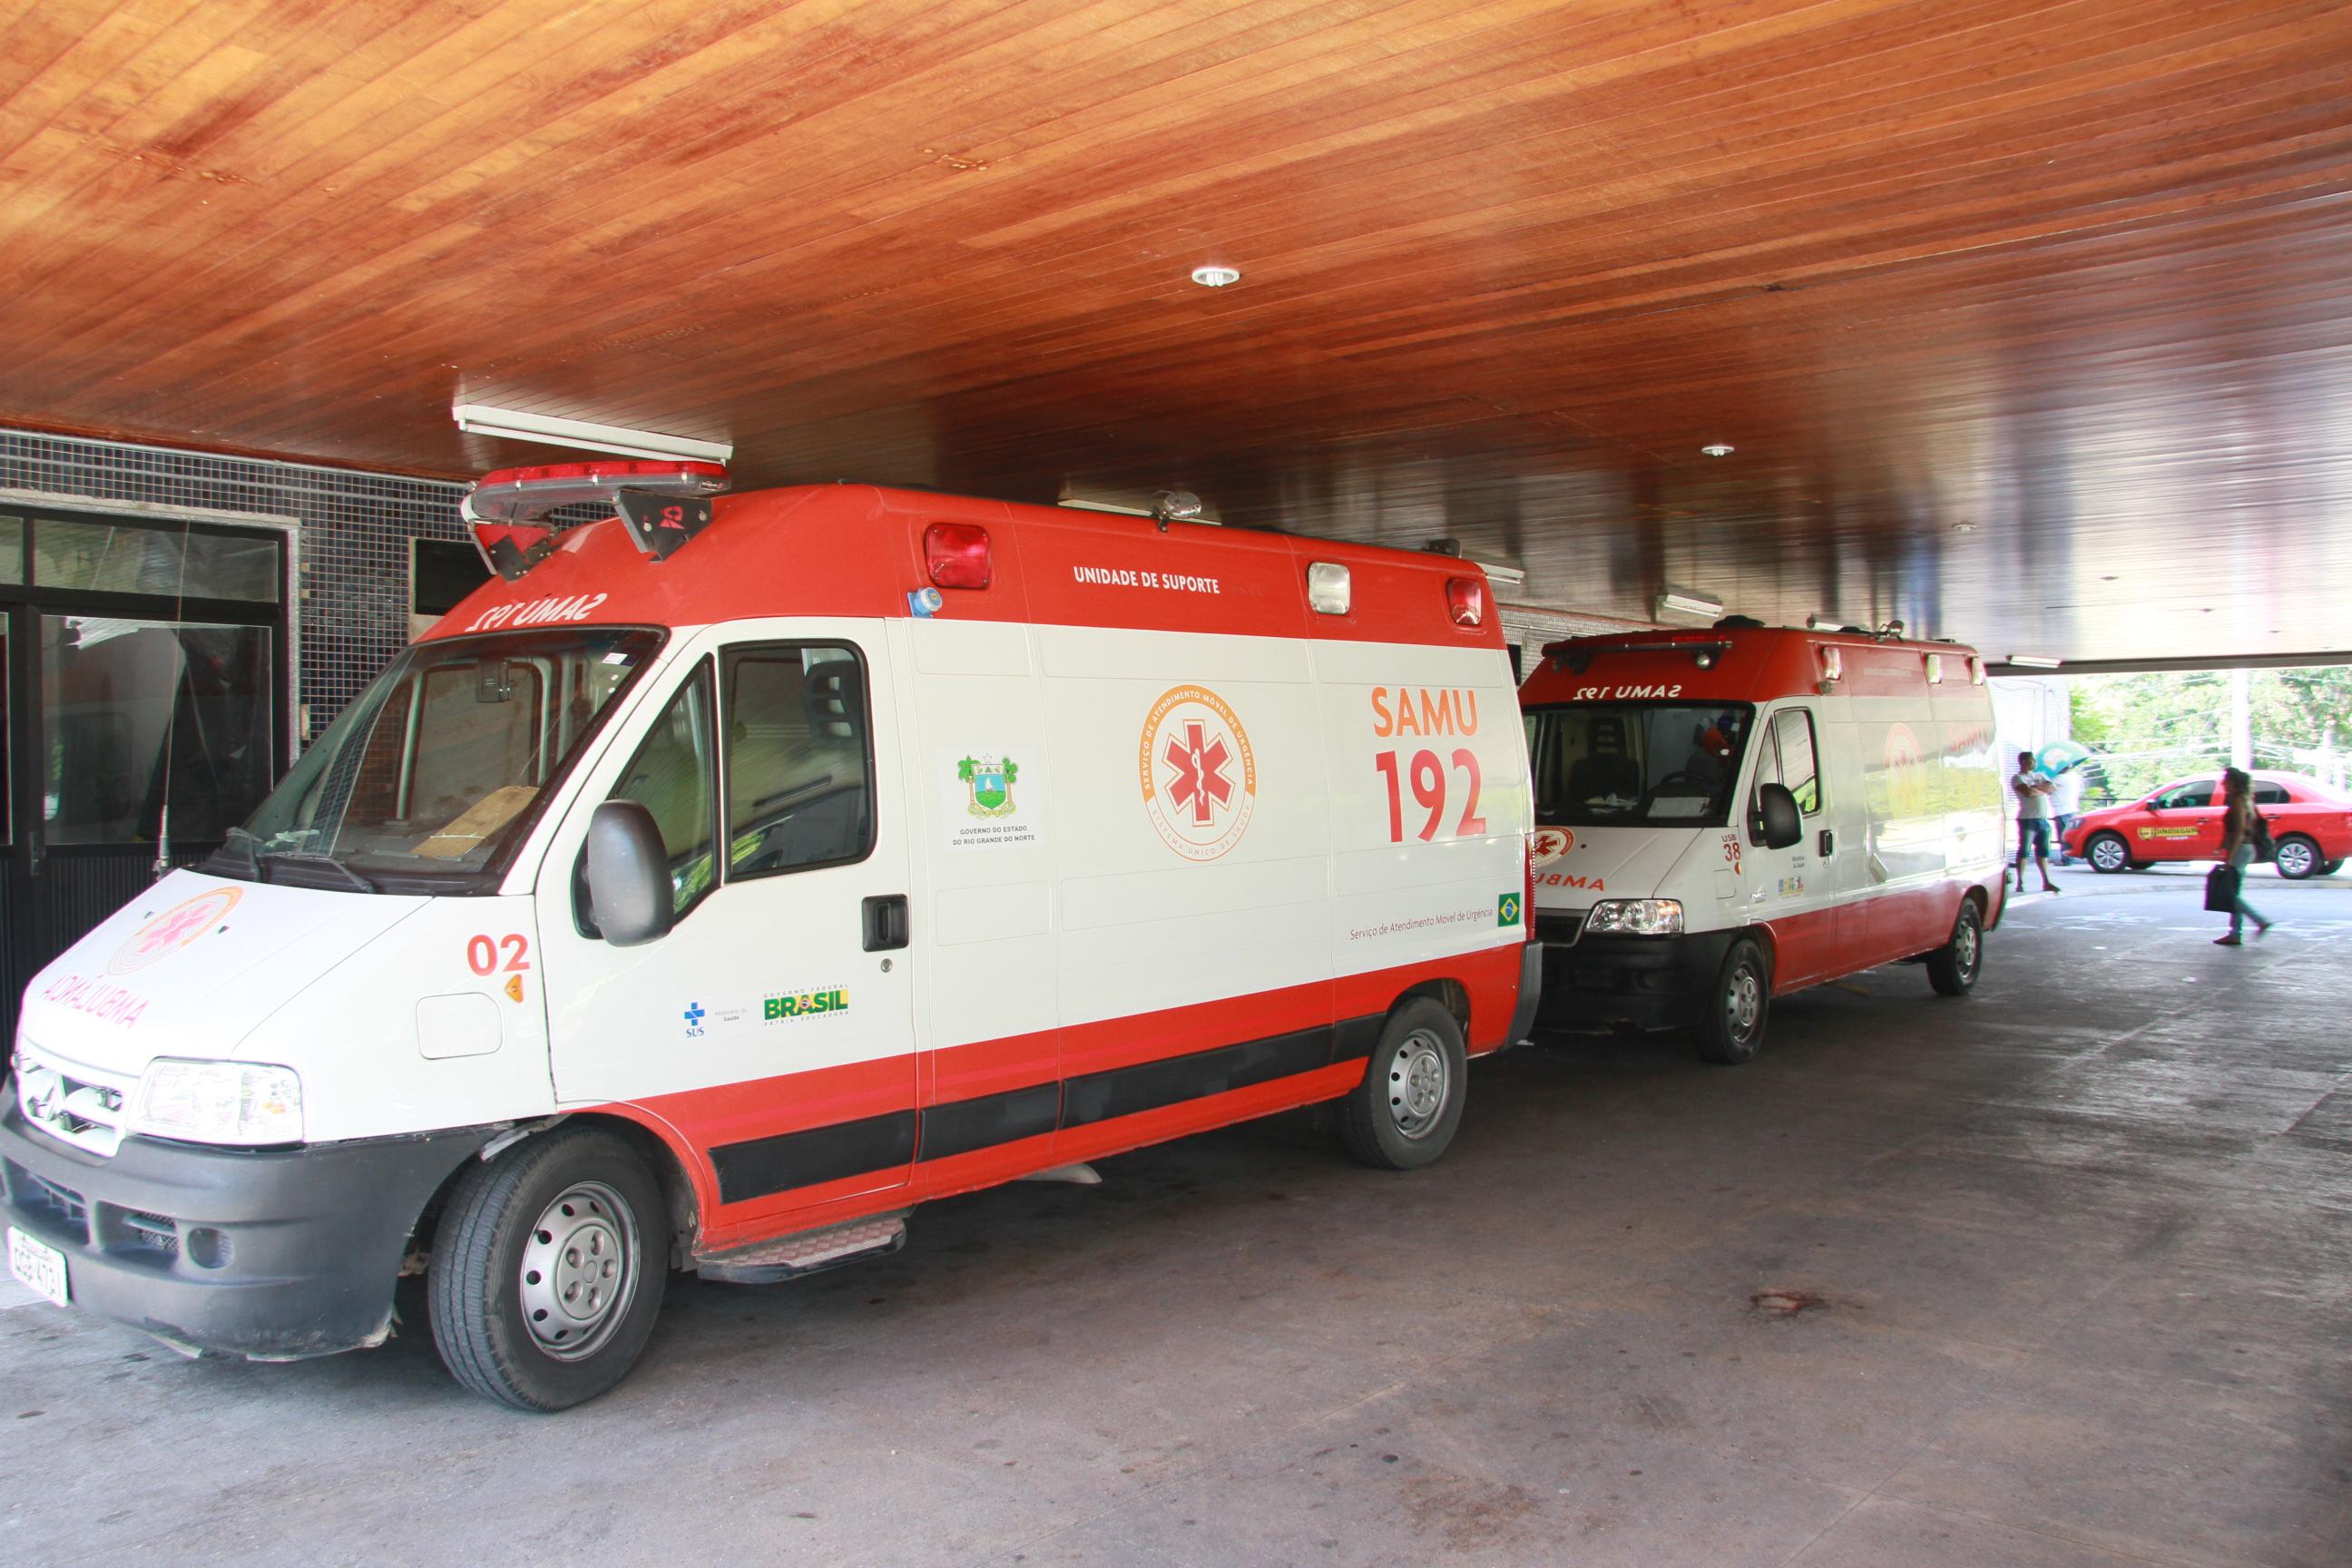 Hospital Walfredo Gurgel 47 SAMU